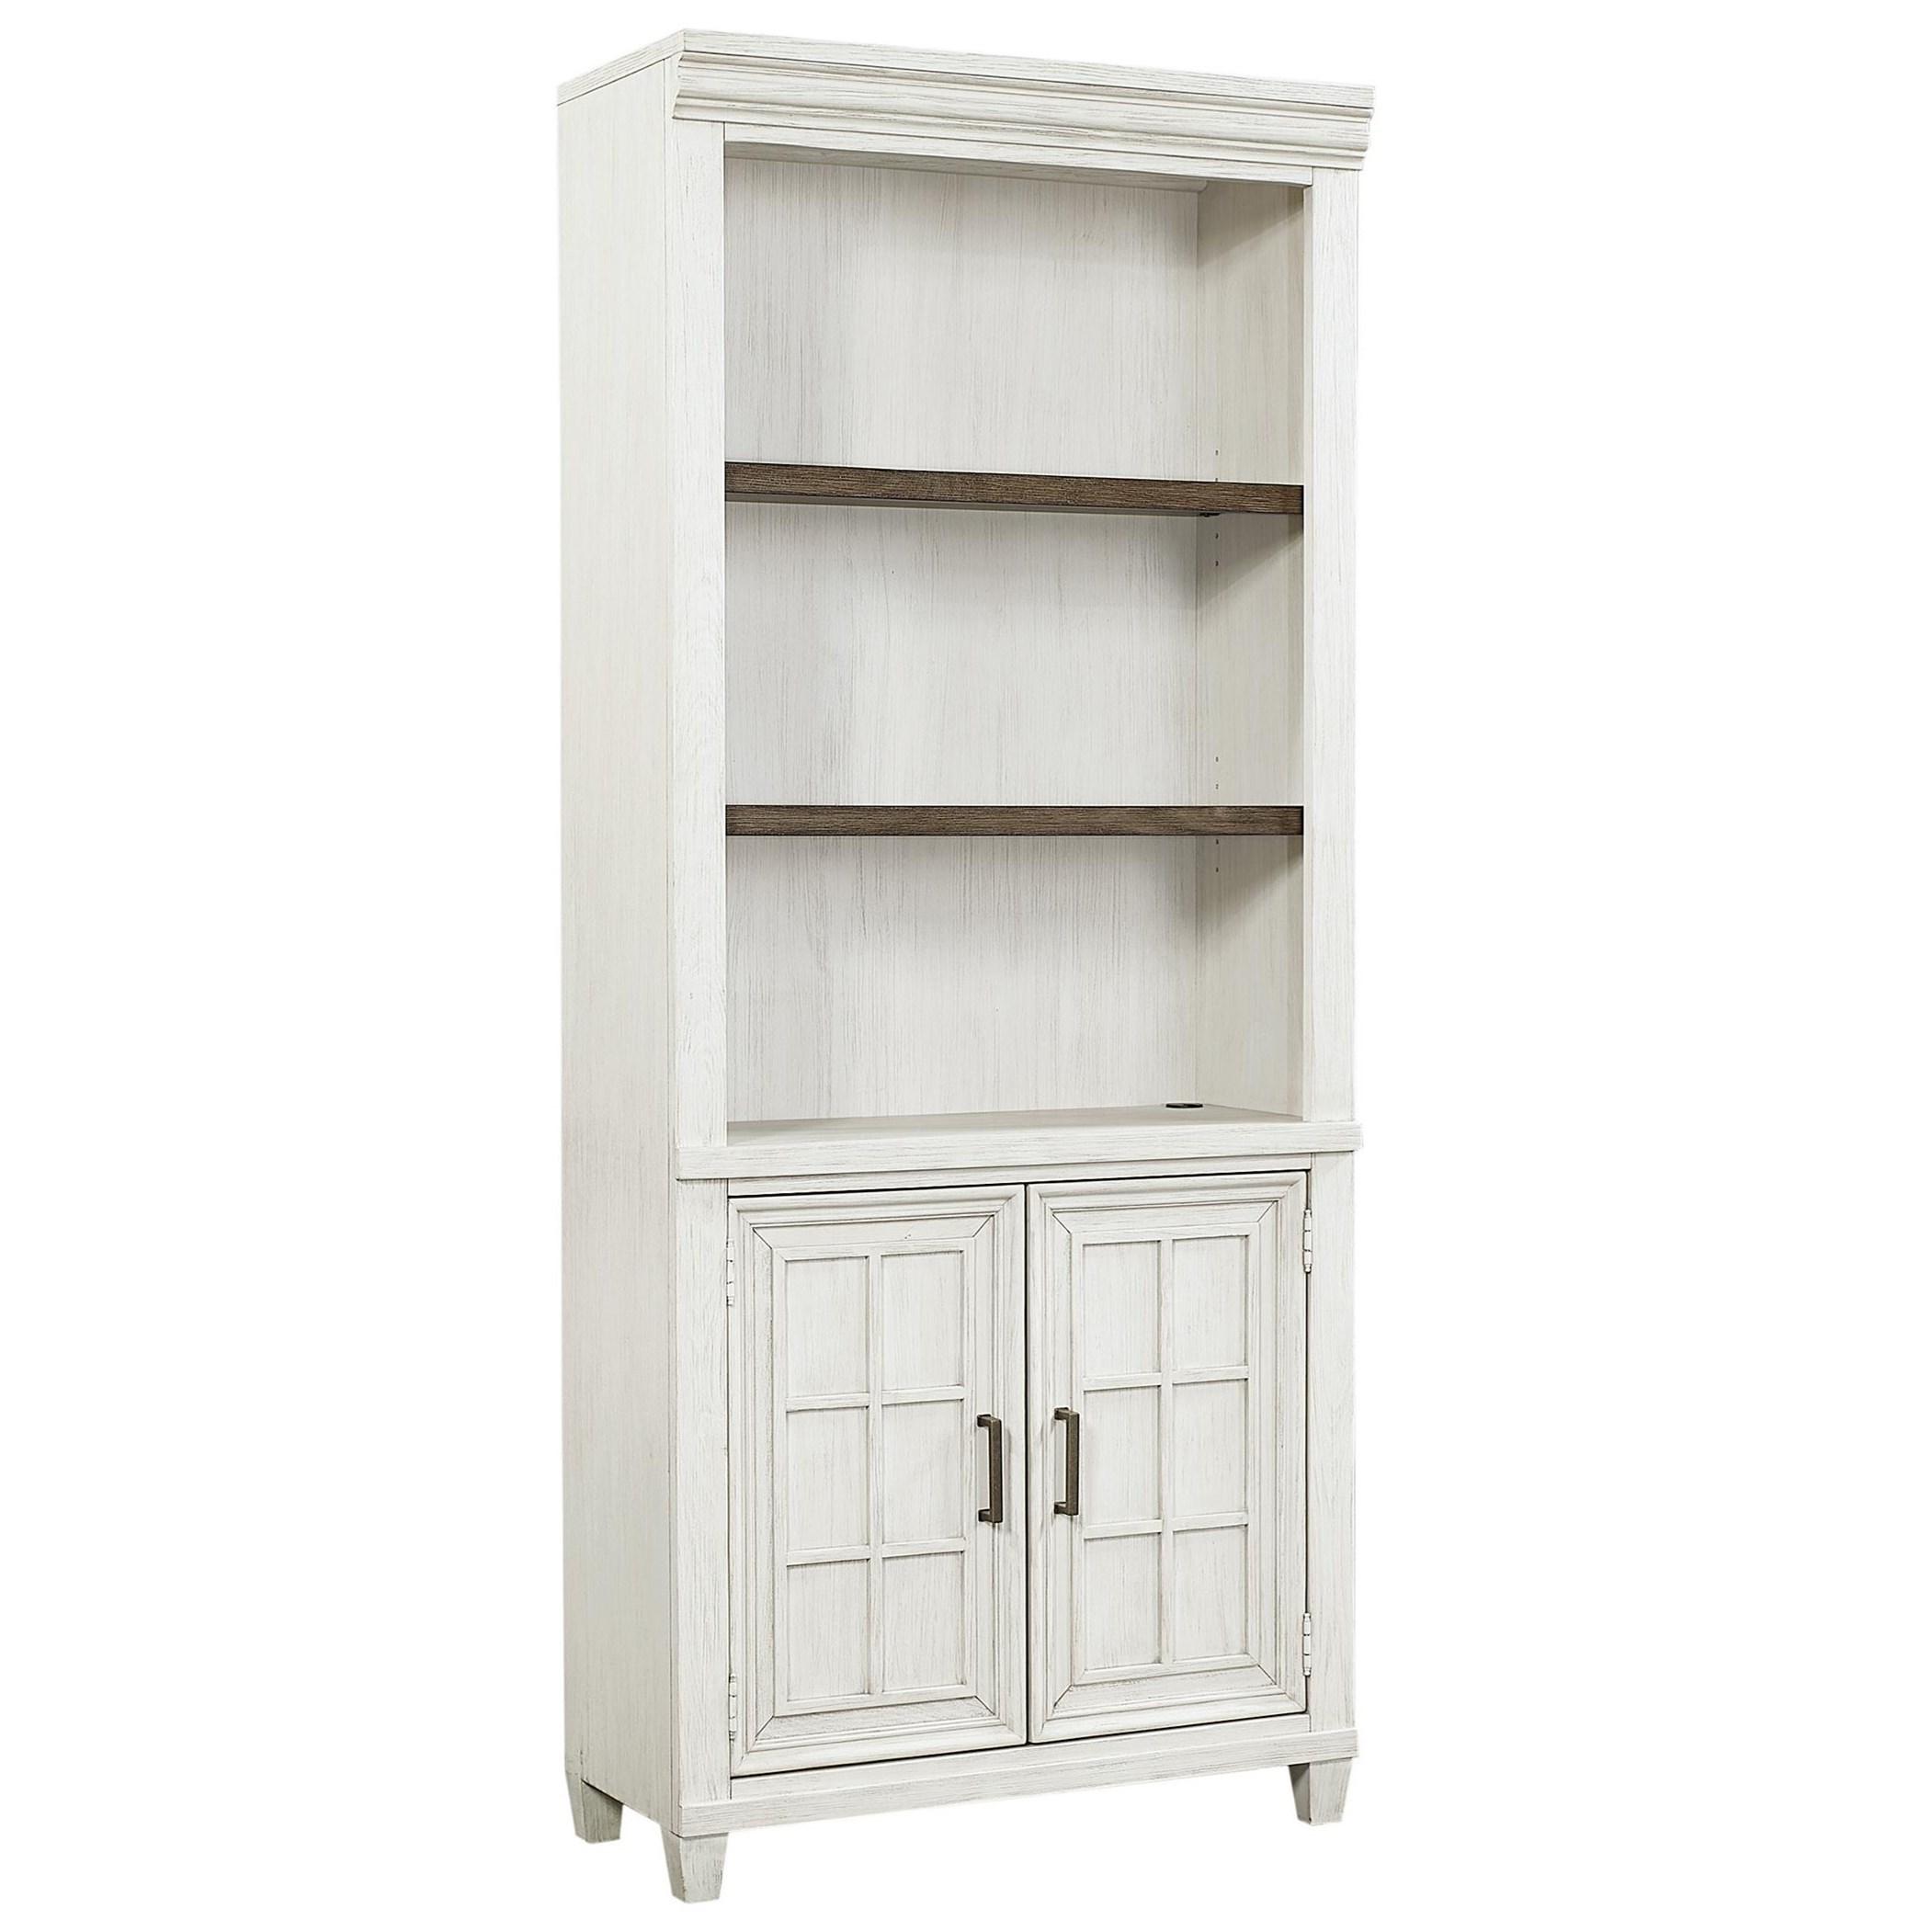 Caraway Open Door Bookcase  by Aspenhome at Walker's Furniture